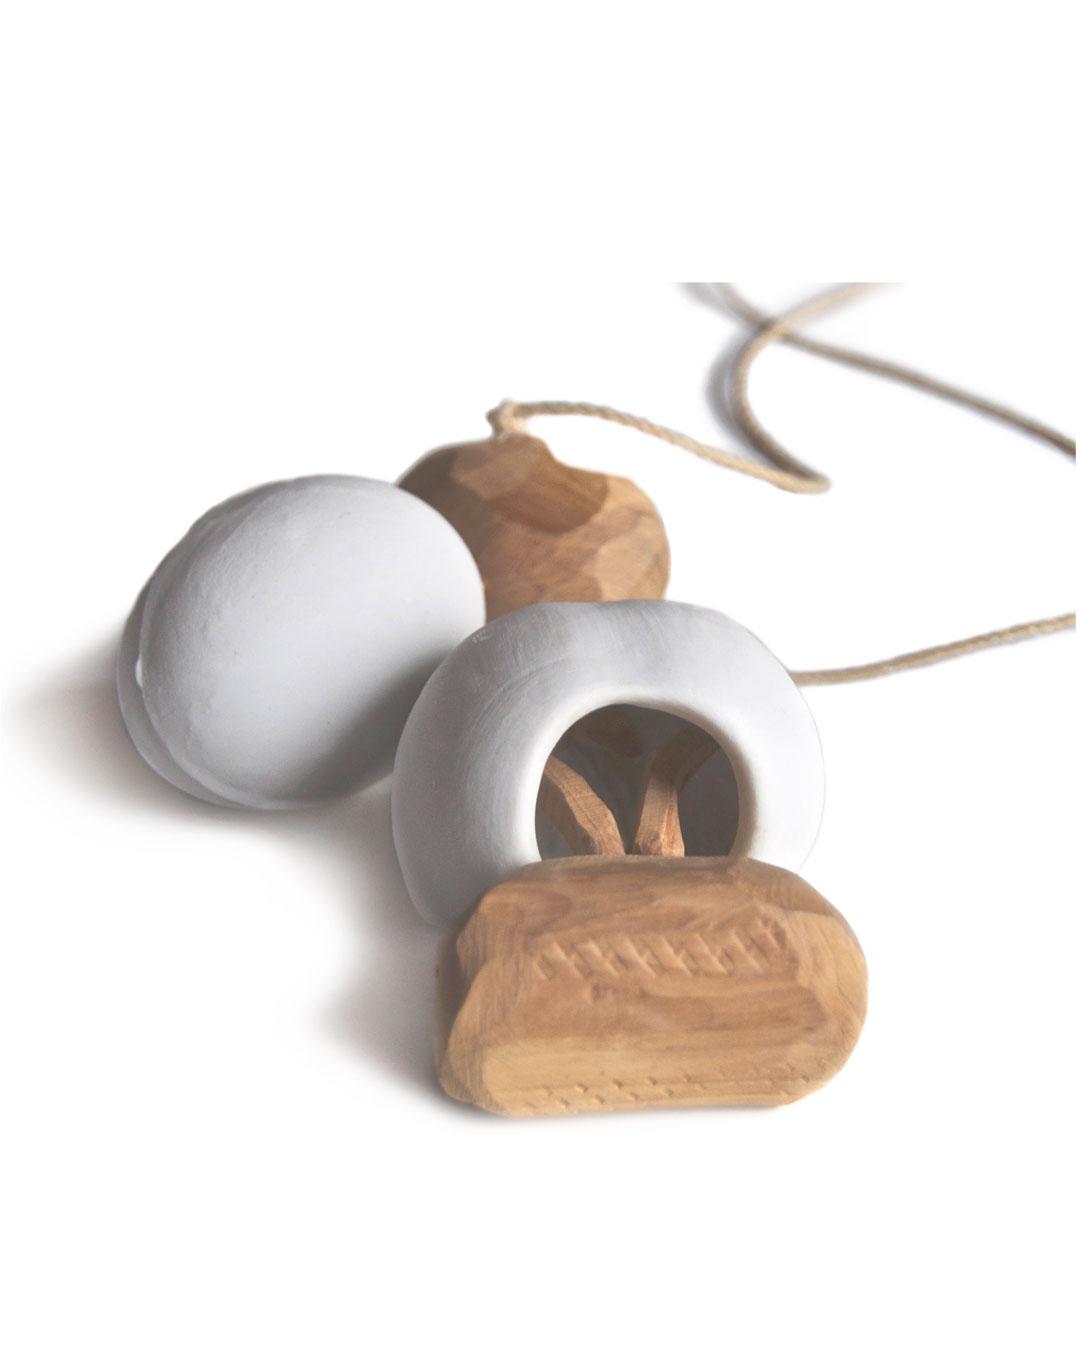 Antje Bräuer, Assymmetrie, 1999, pendant; porcelain, wood, cord, 370 x 85 x 32 mm, €940